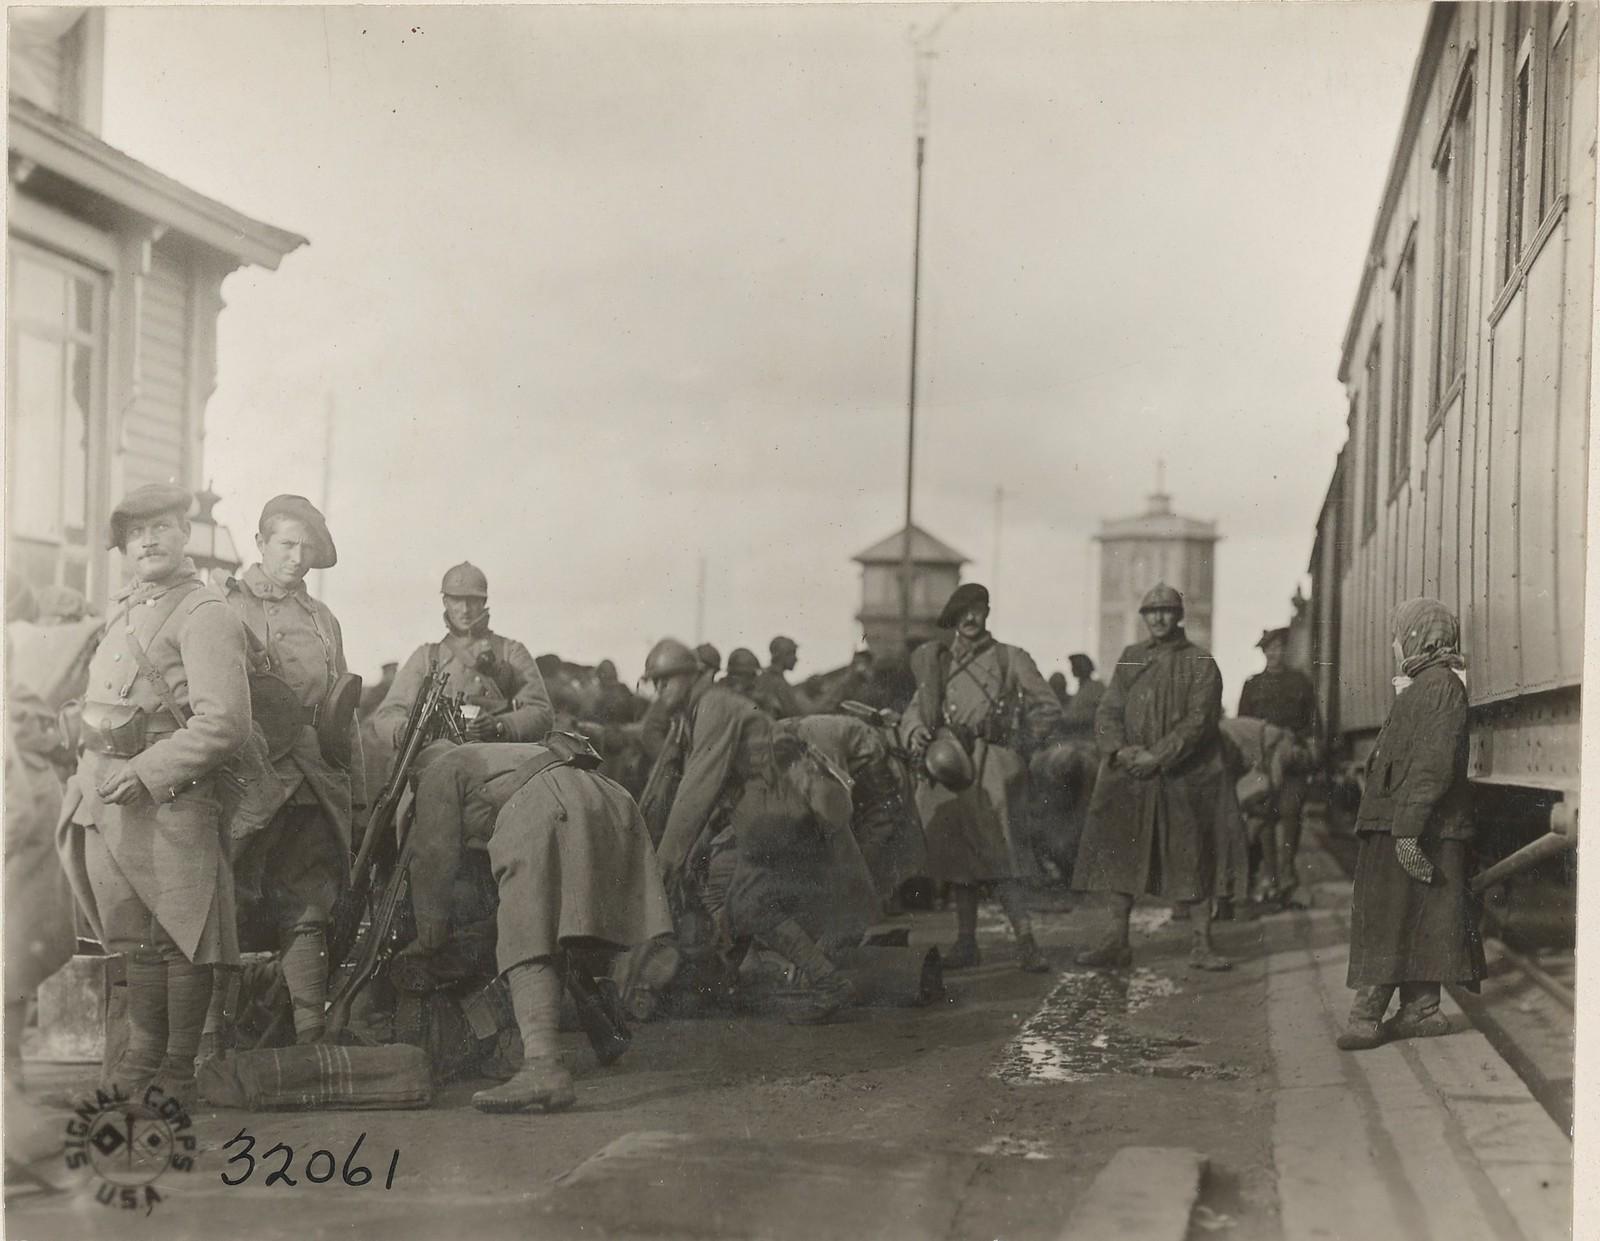 Обозерская. Французский отряд готовится атаковать большевиков